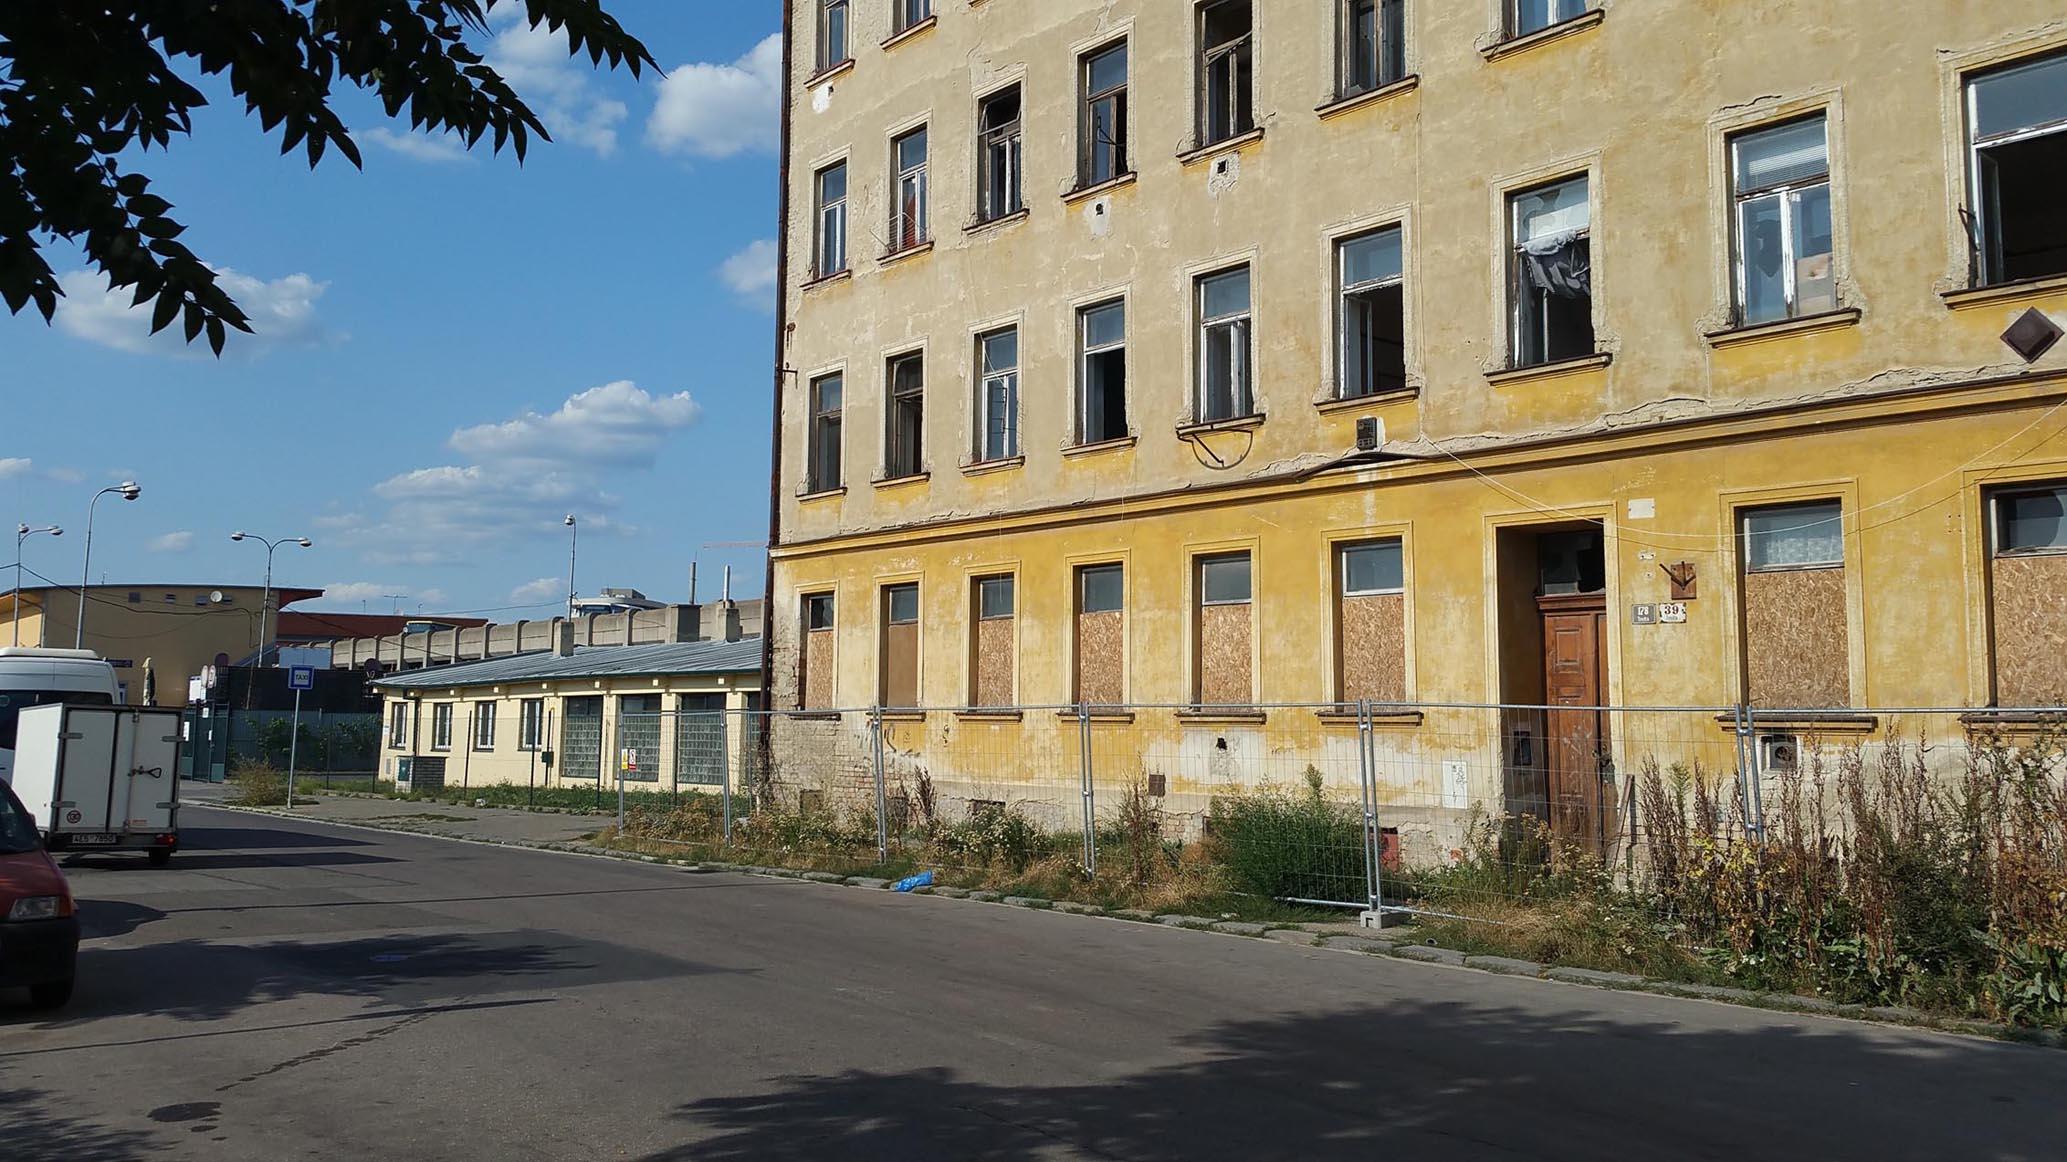 Ulice Rosická dnes, v srpnu. Tudy se bude chodit?